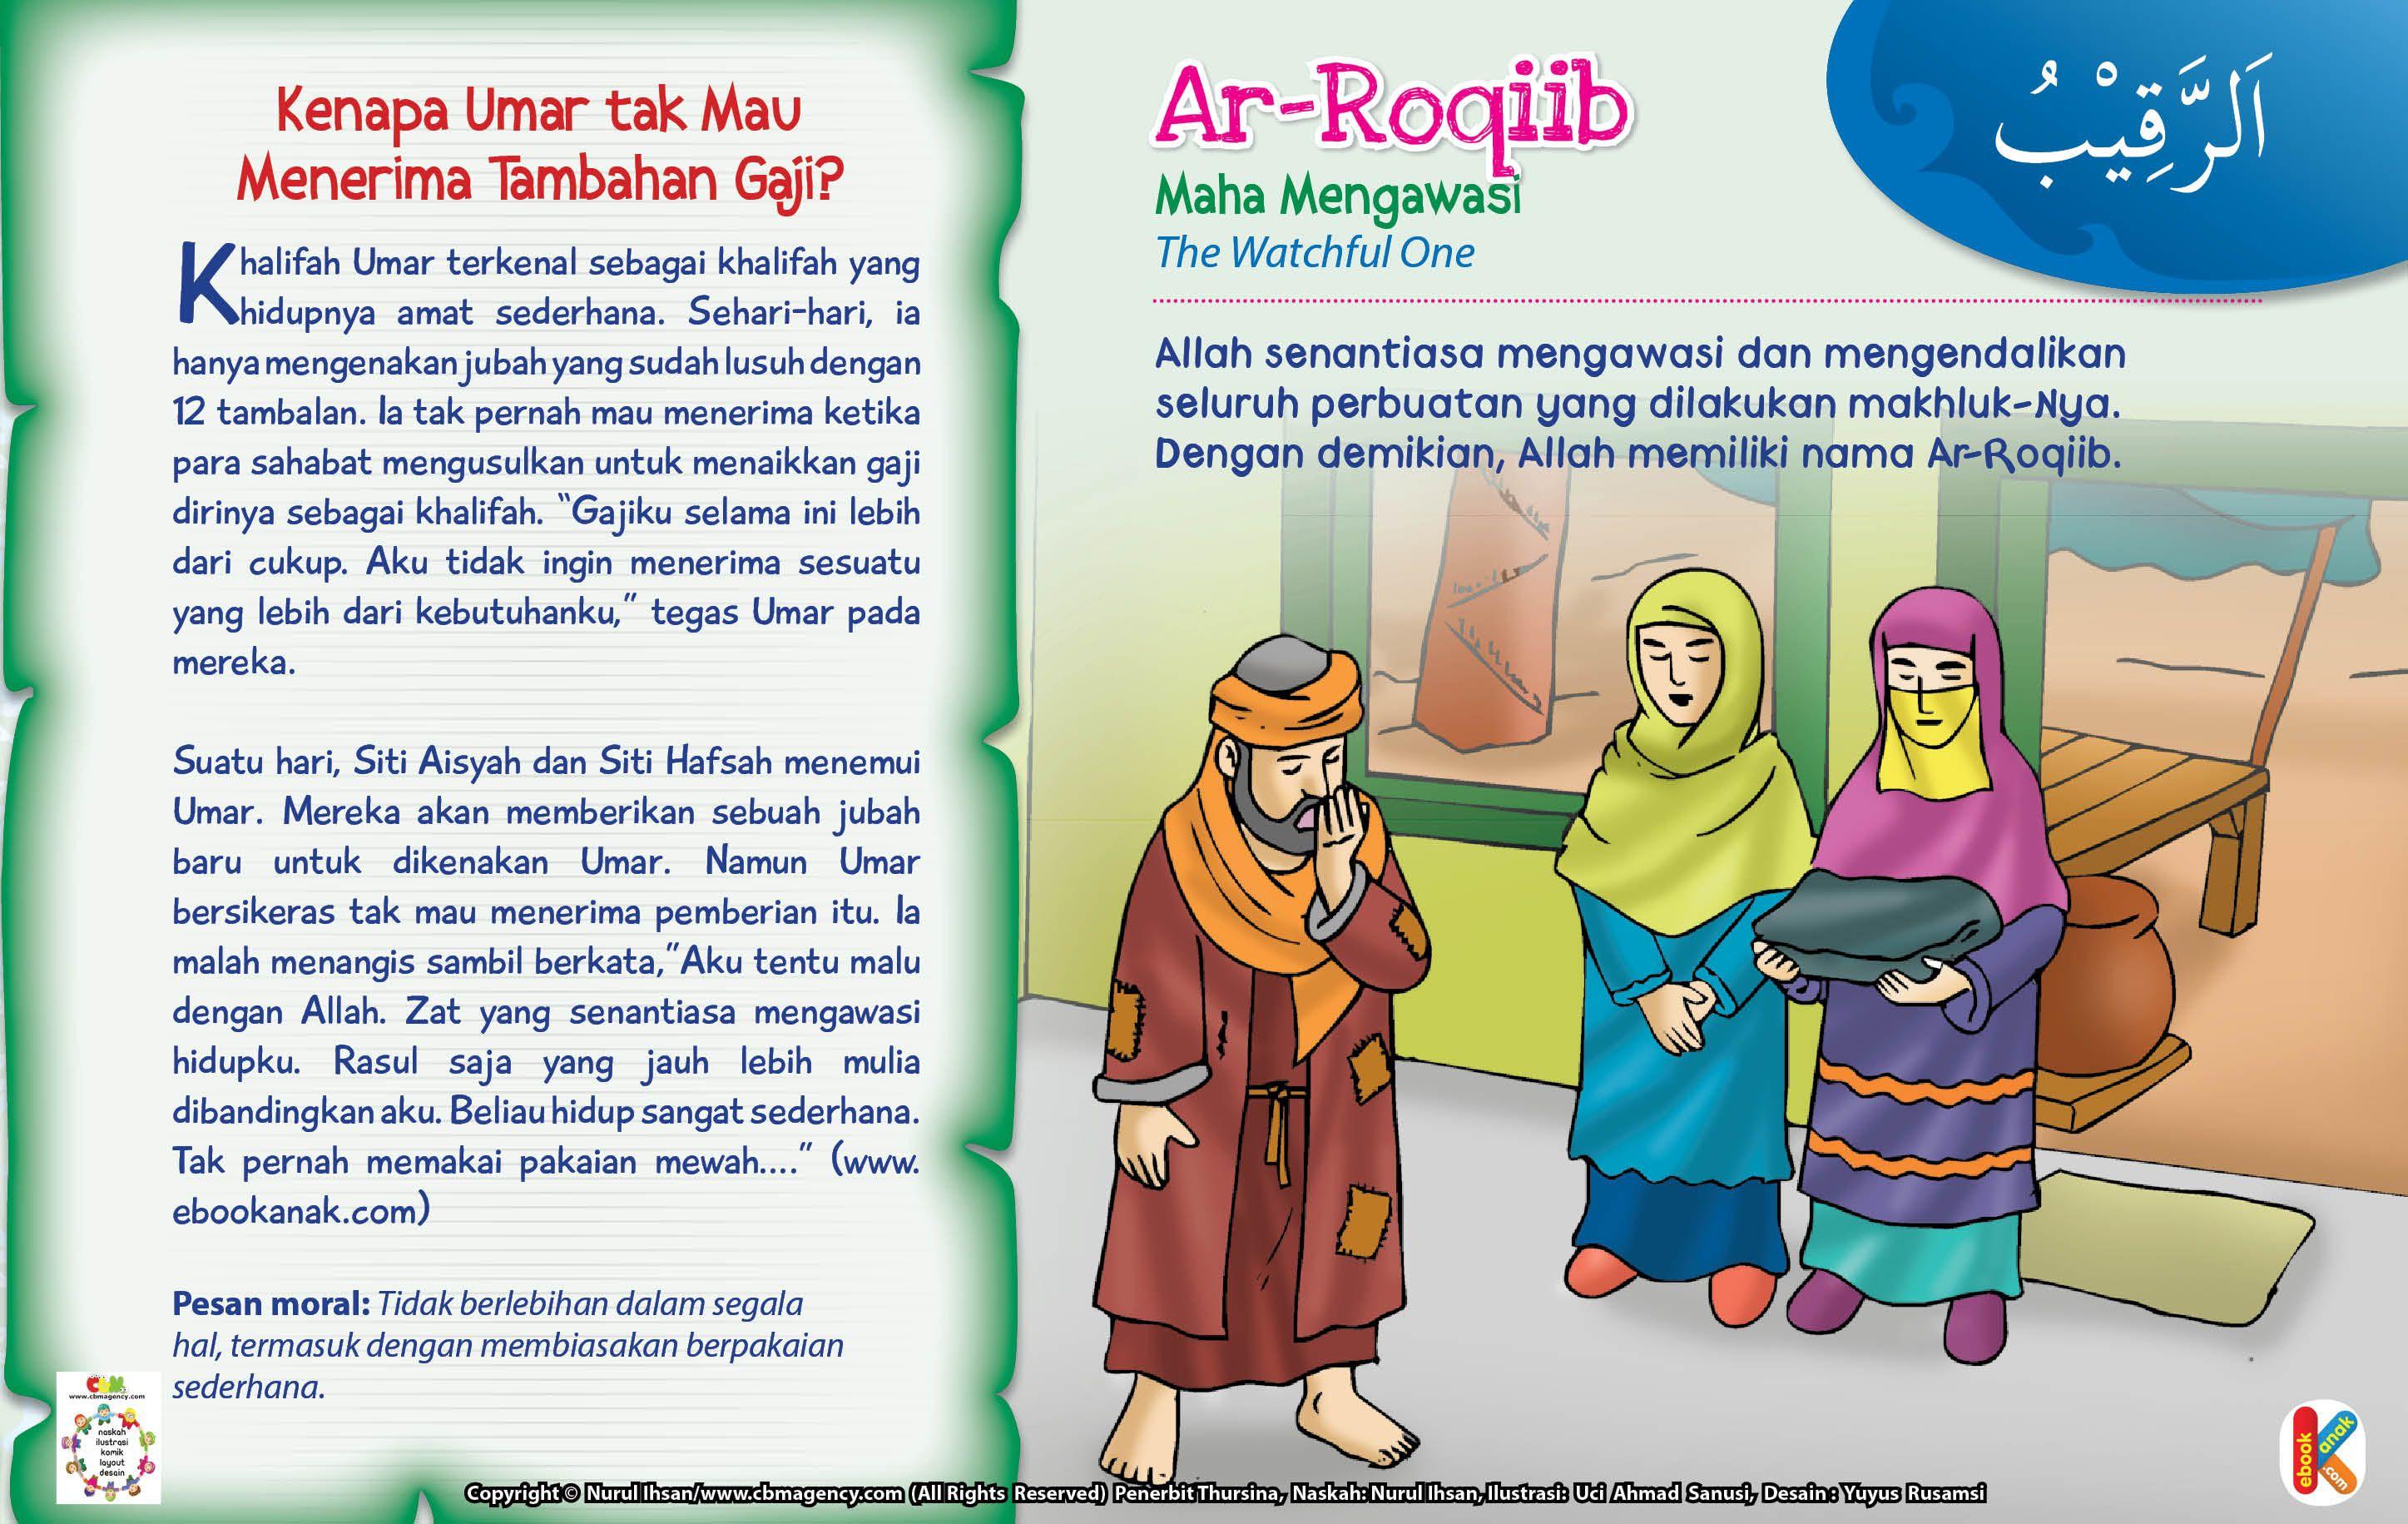 Kisah Asma'ul Husna ArRoqiib Ebook Anak (Dengan gambar